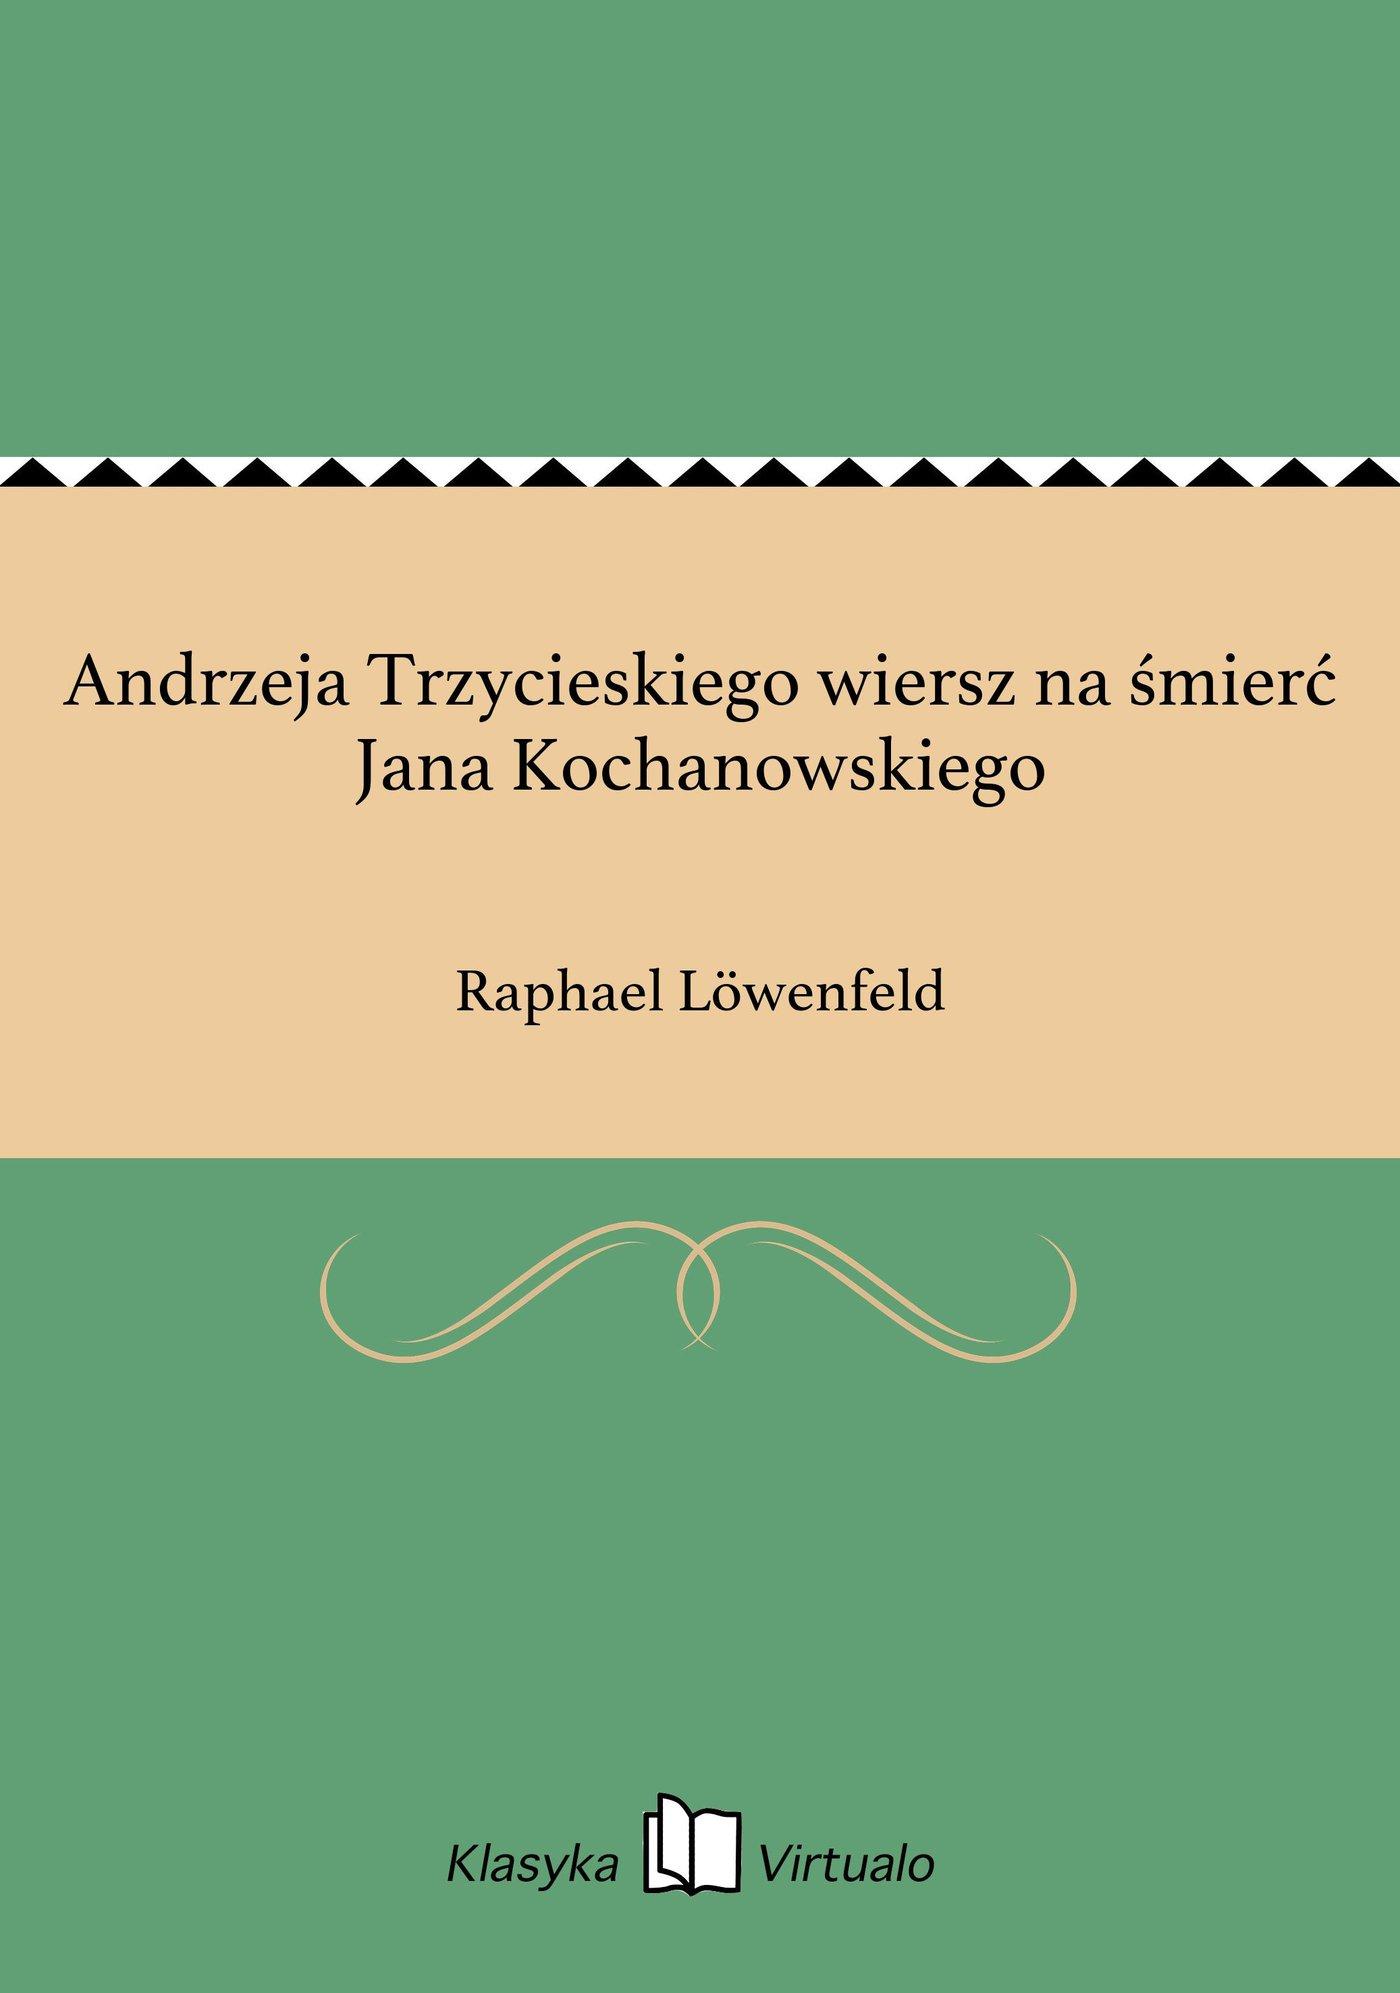 Andrzeja Trzycieskiego wiersz na śmierć Jana Kochanowskiego - Ebook (Książka na Kindle) do pobrania w formacie MOBI